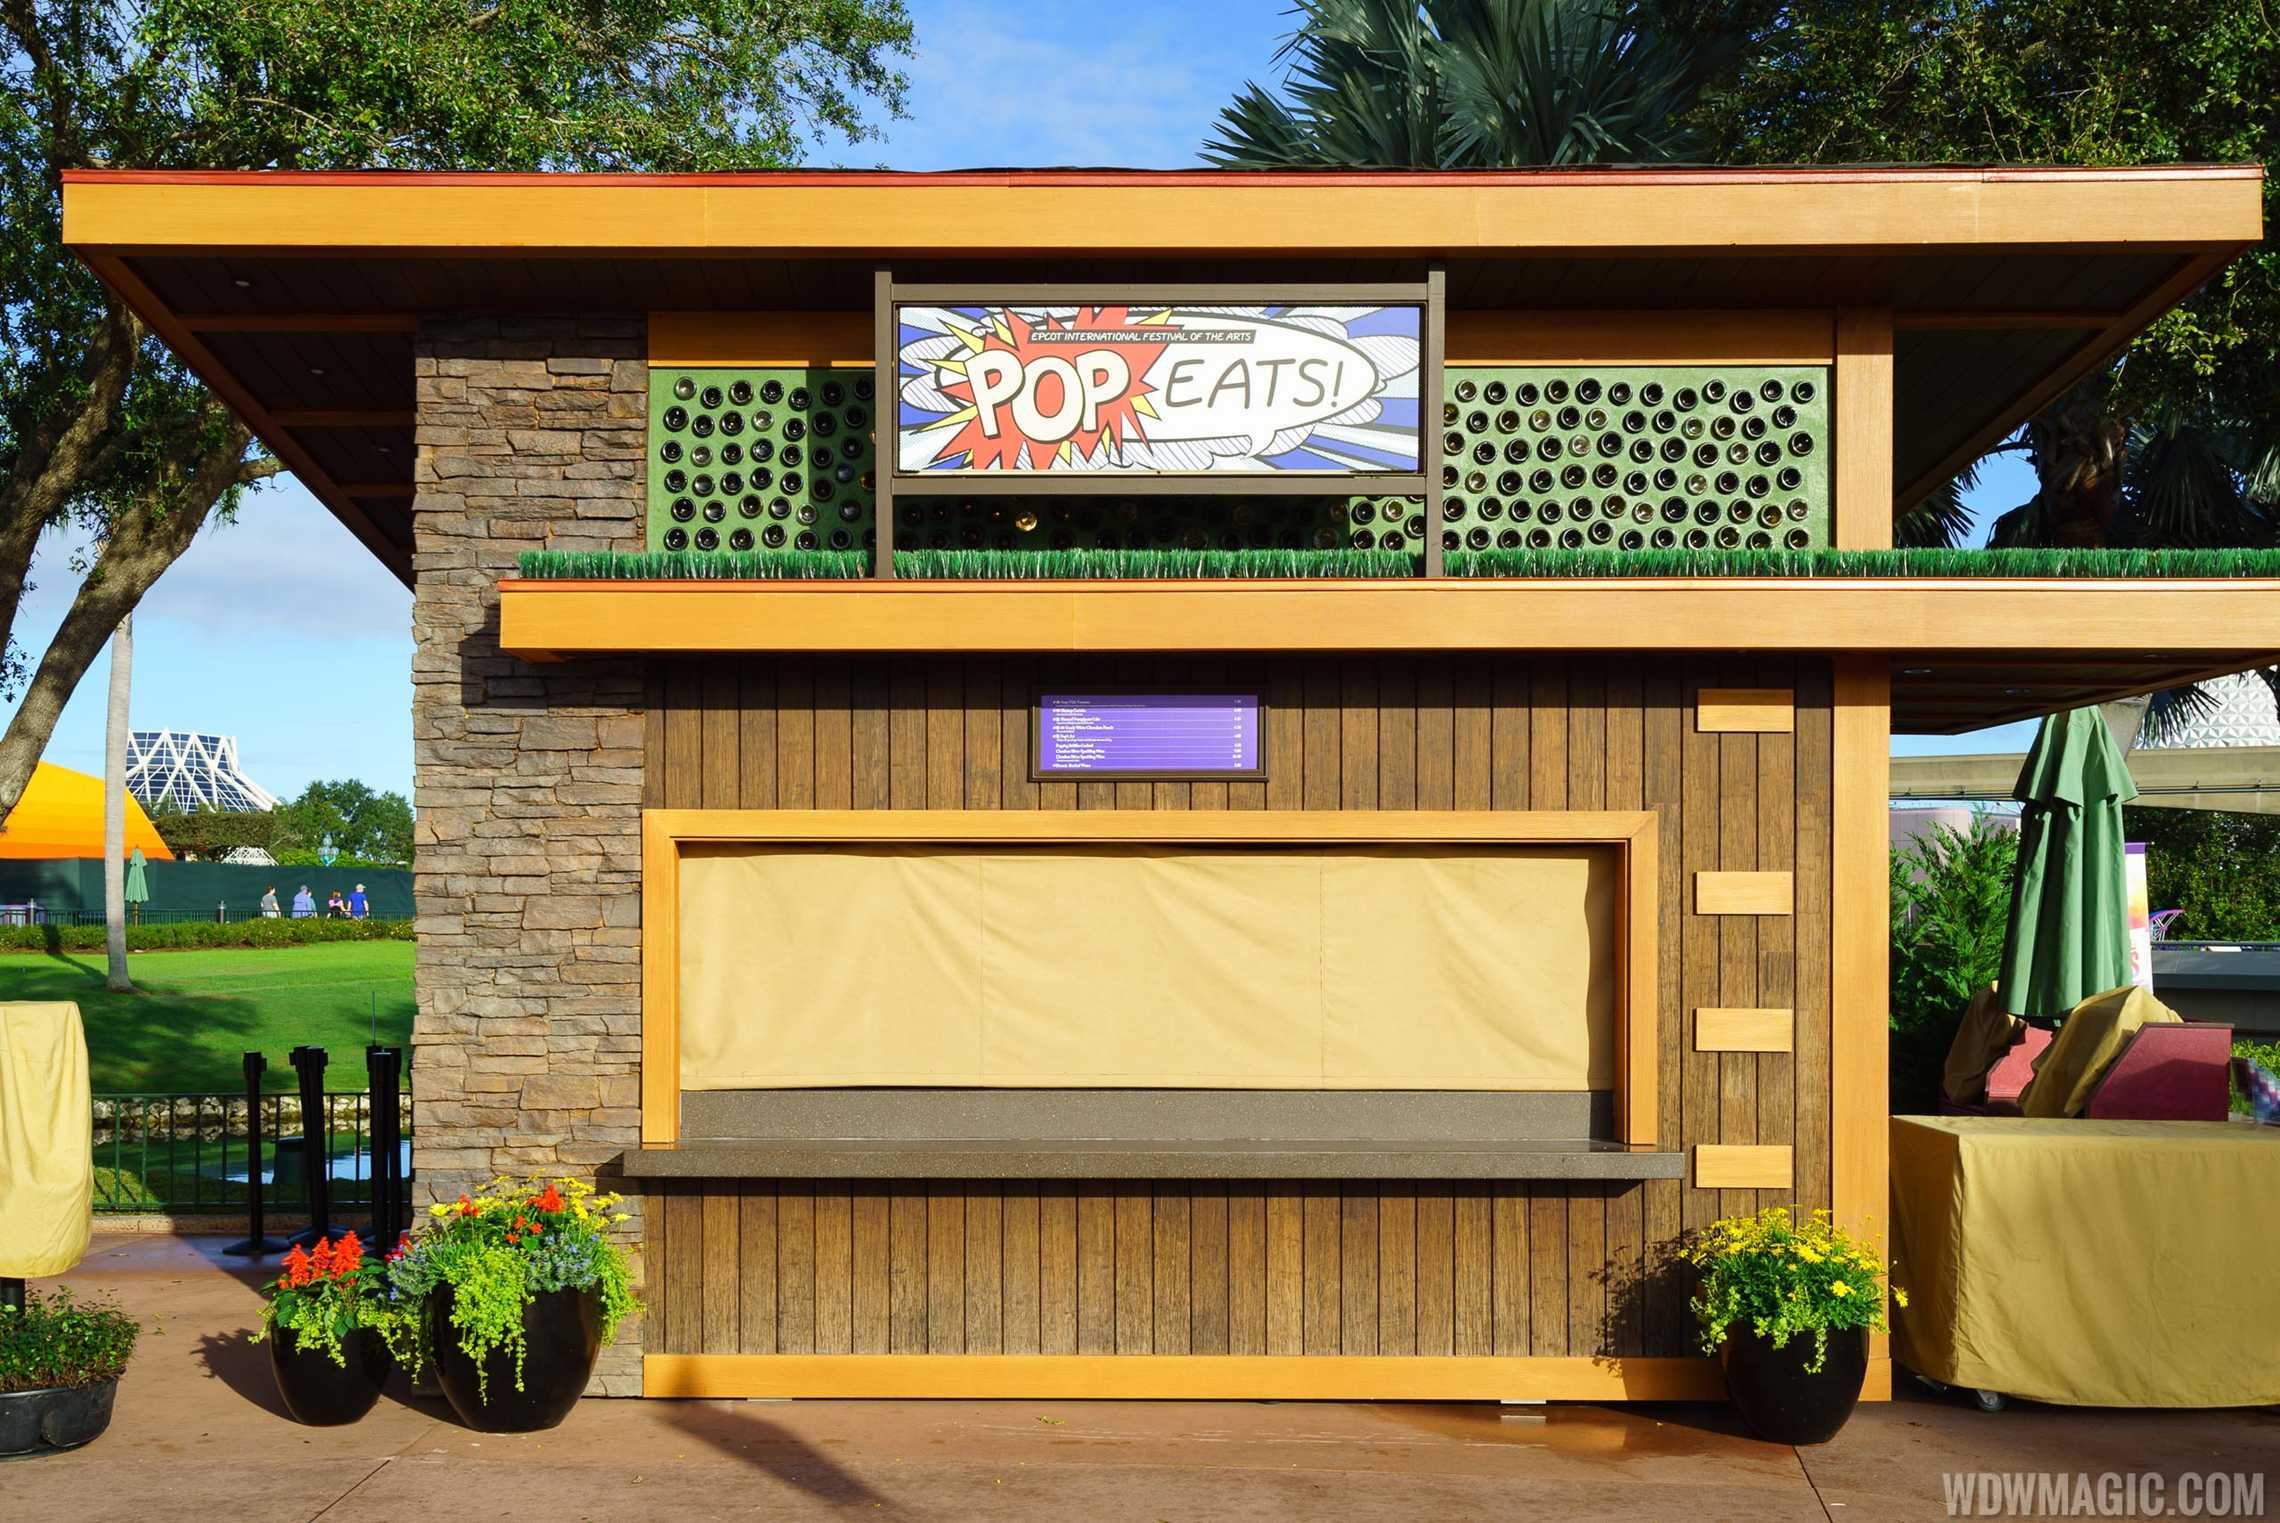 Epcot Festival of the Arts - Pop Eats! kiosk